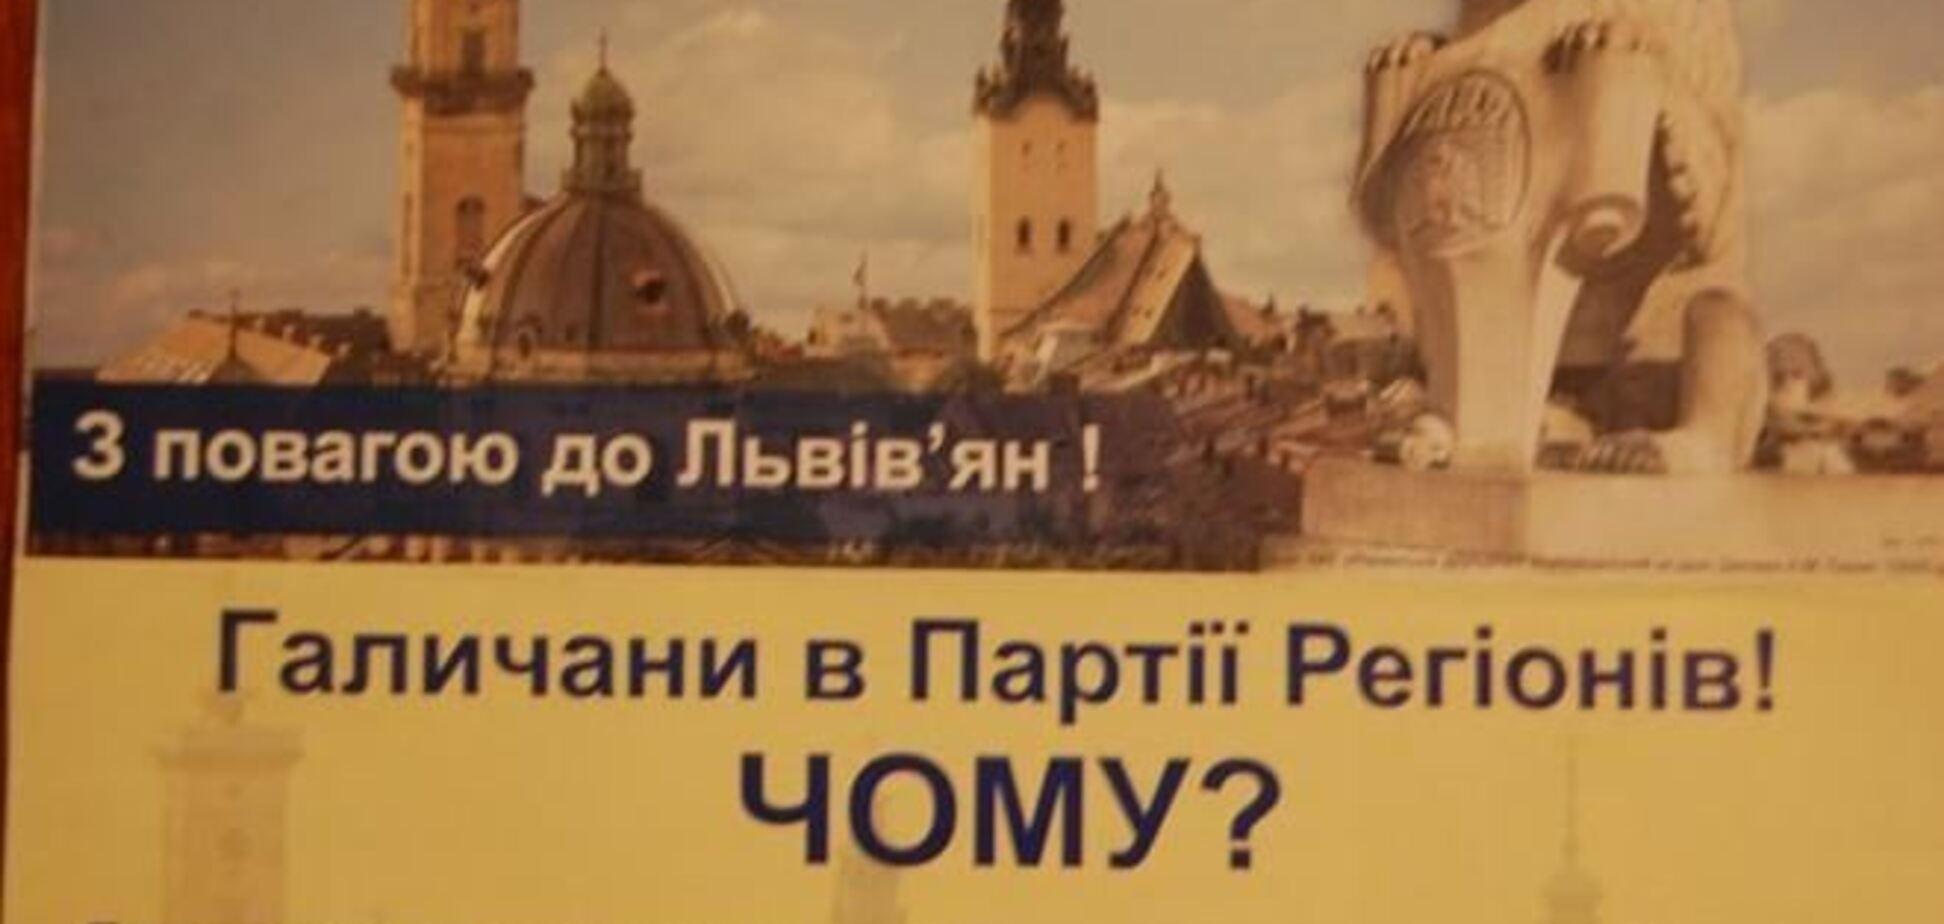 Кандидат от ПР получил 100% голосов на выборах во Львовской области